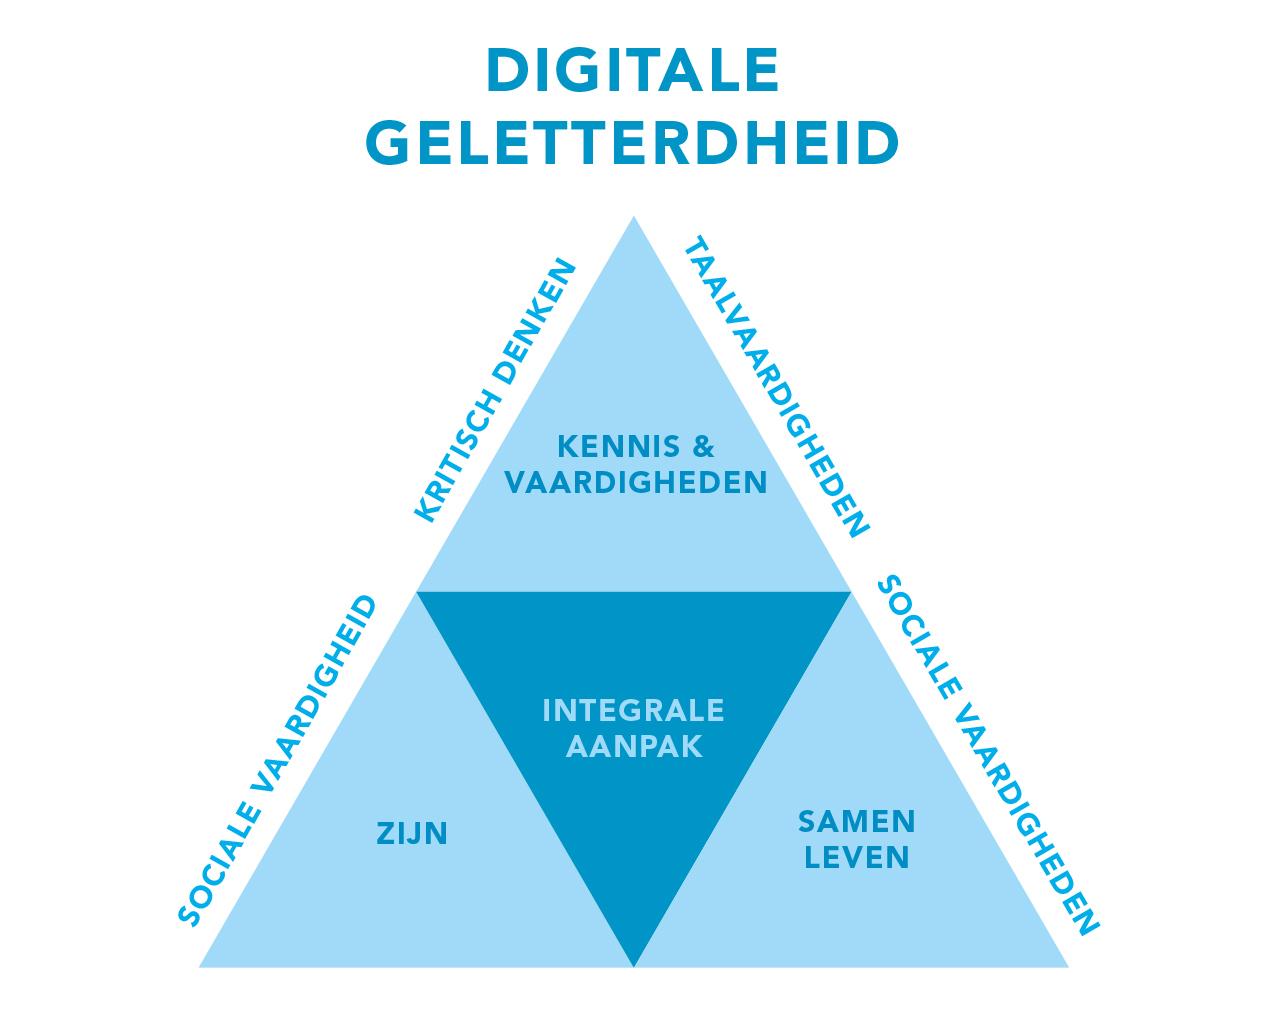 digitale geletterdheid volgens Kennisnet